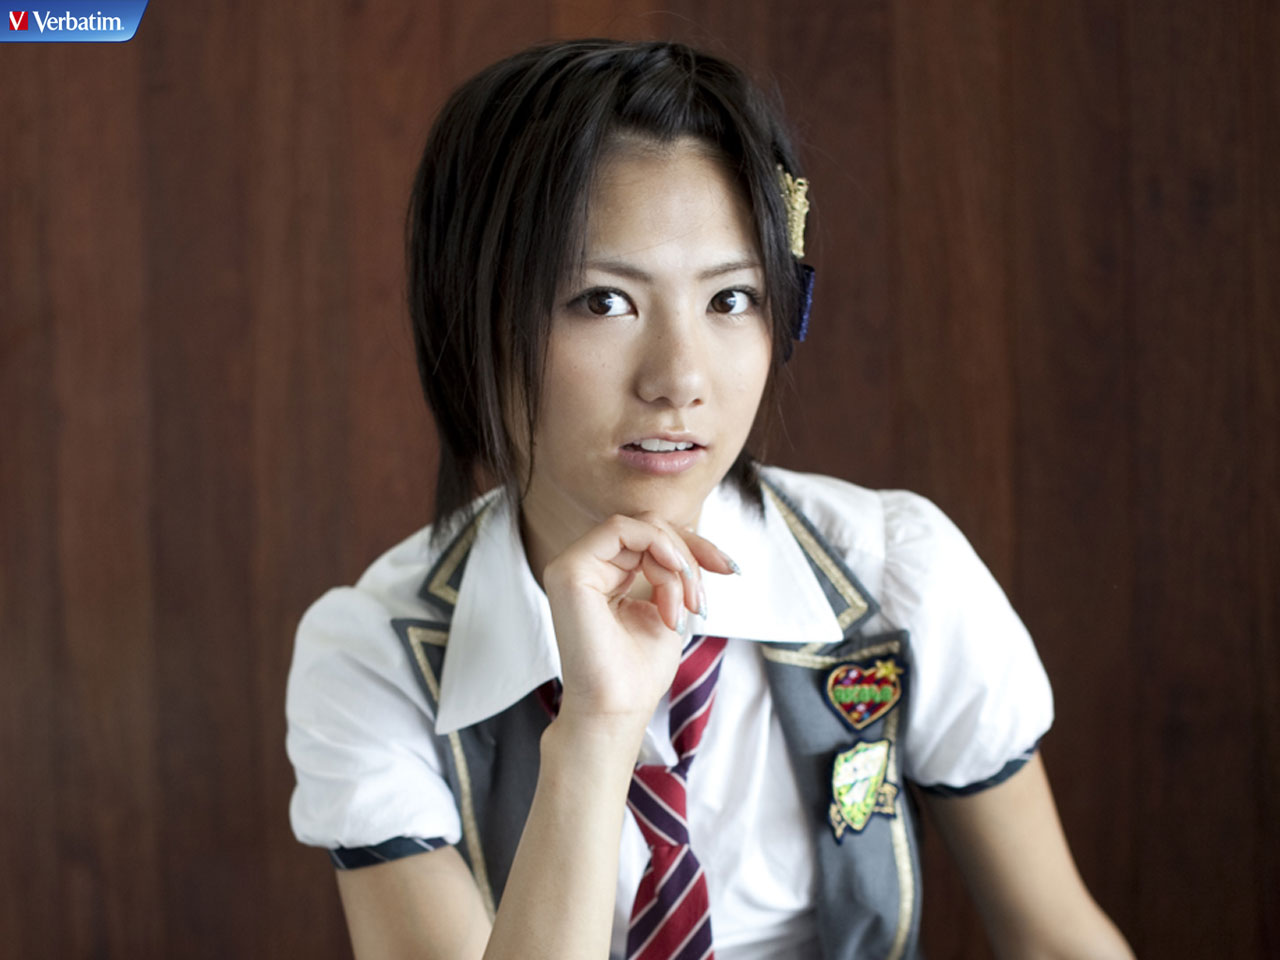 衣装とヘアスタイルが素敵な宮澤佐江